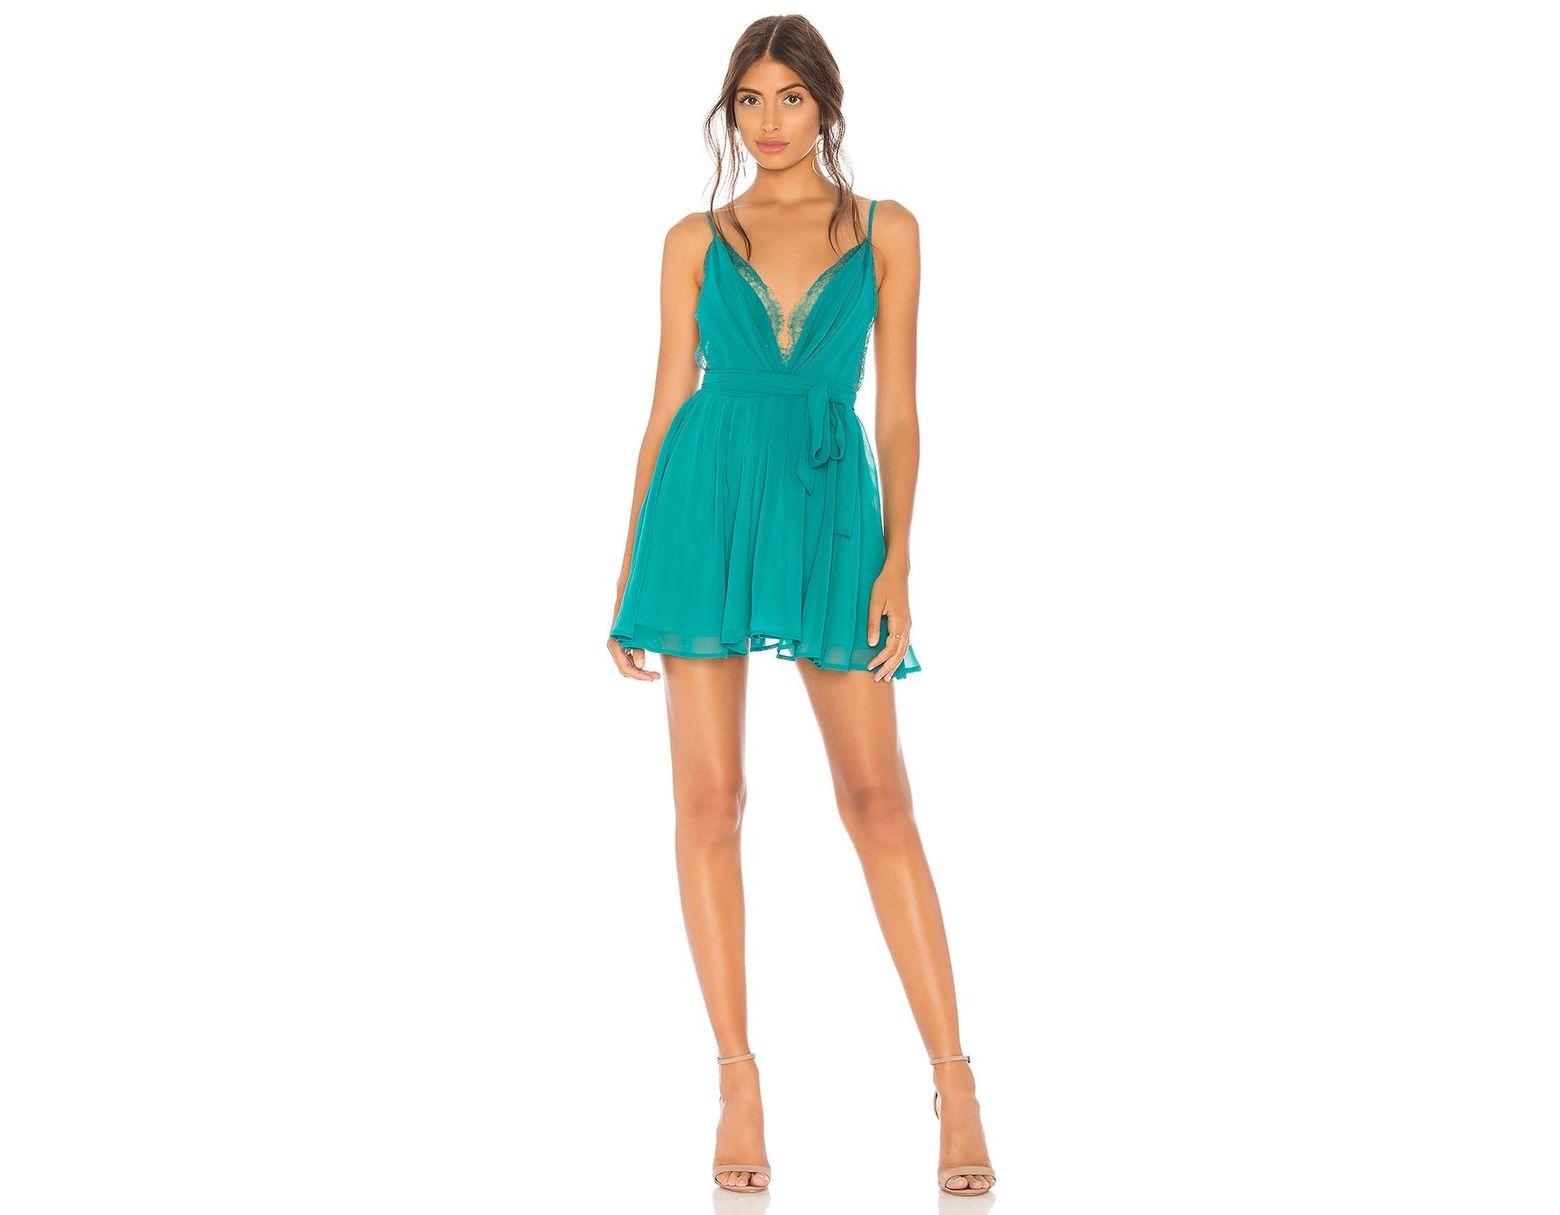 446dfc4f9990d Michael Costello X Revolve Justin Mini Dress in Blue - Lyst